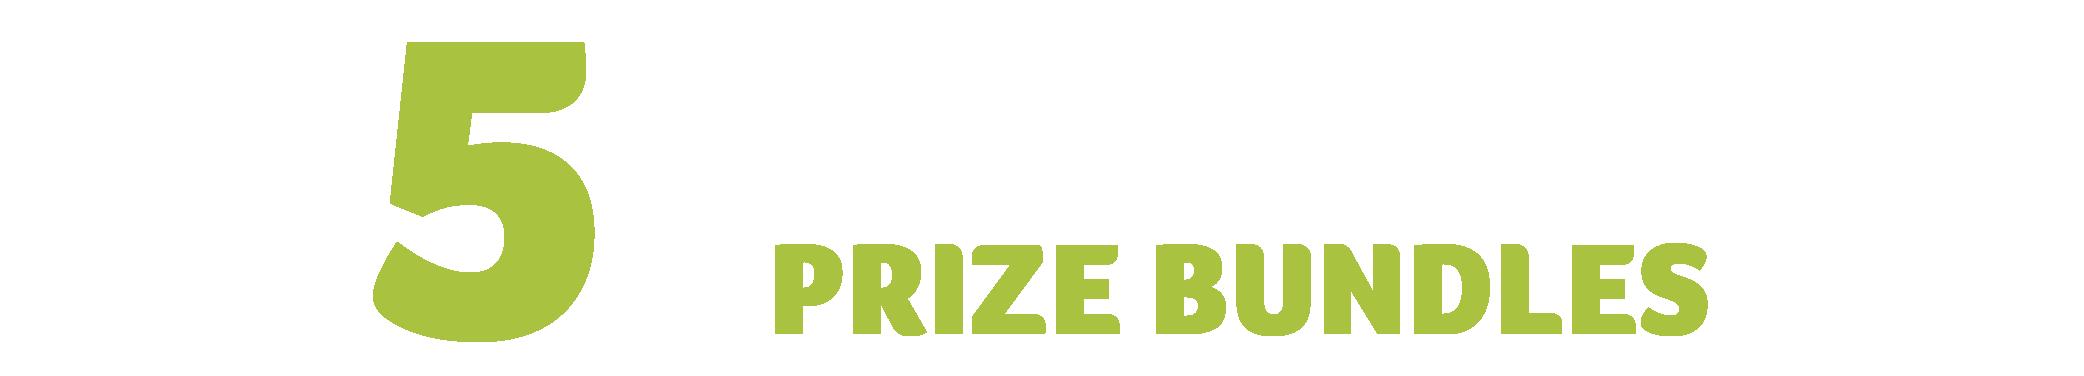 Fan-Awards-Website-Elements_Premium bundle prize